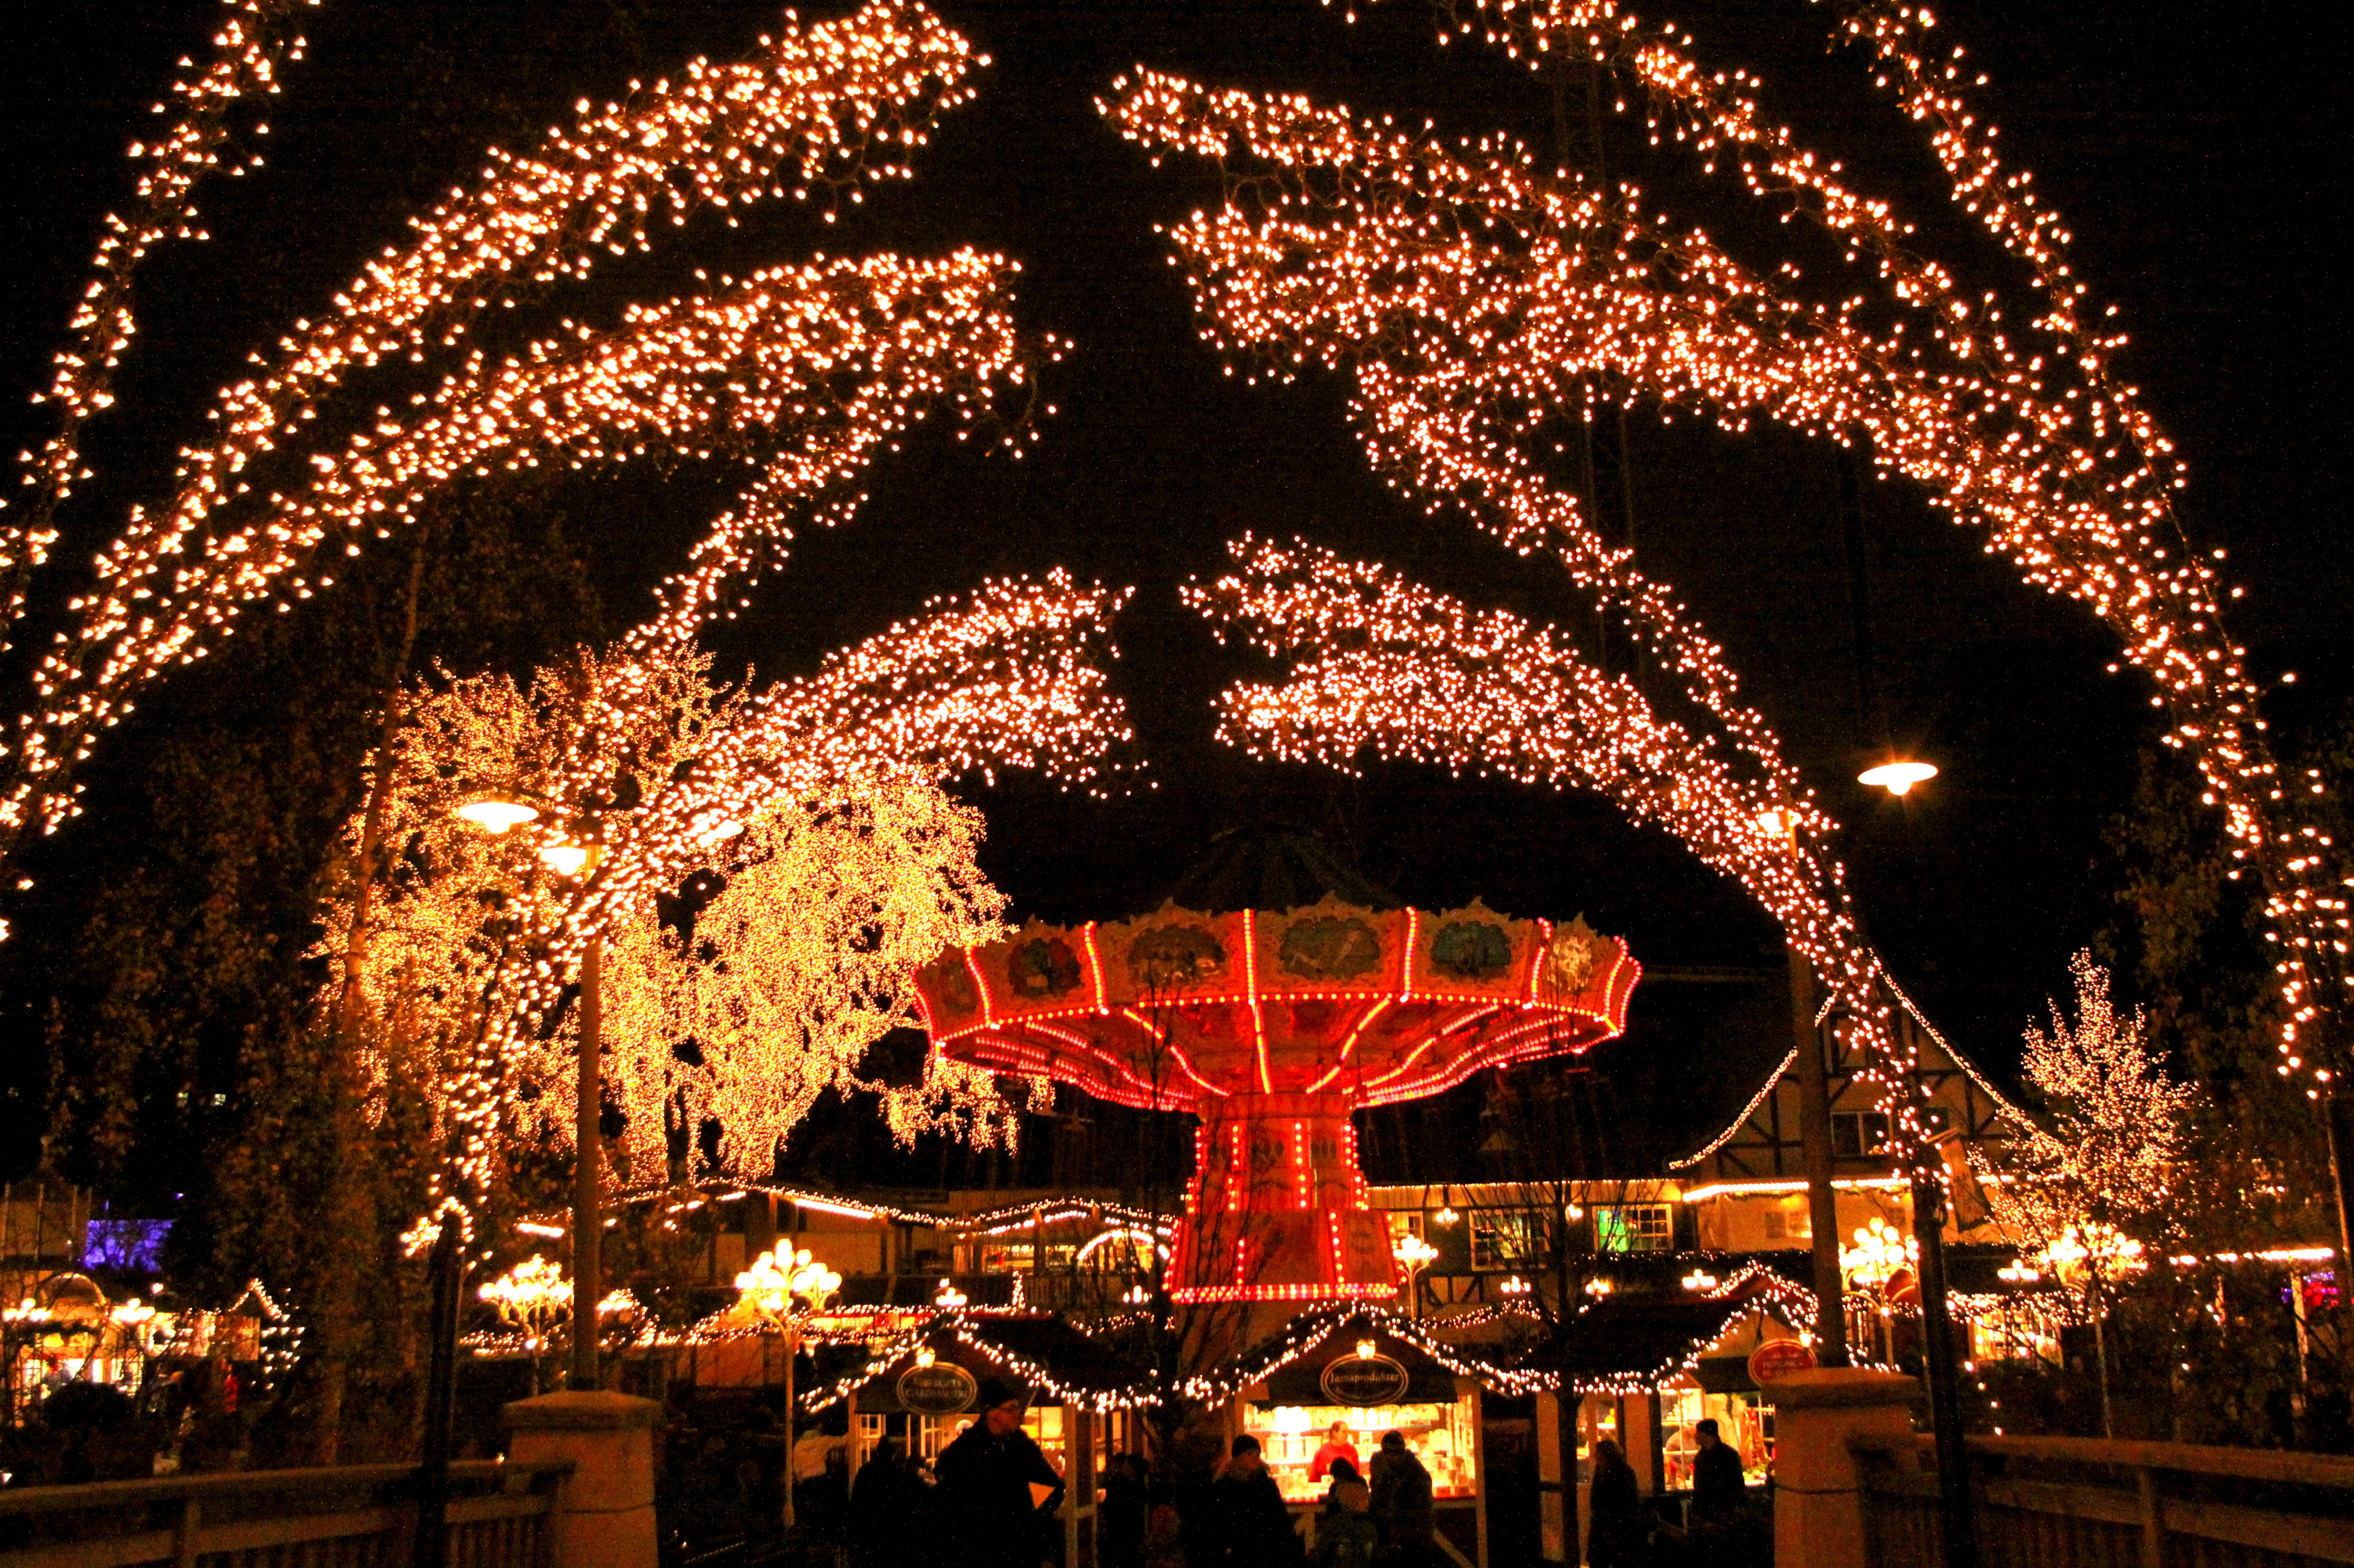 File:Jul på Liseberg, 2010-11-13.jpg - Wikimedia Commons